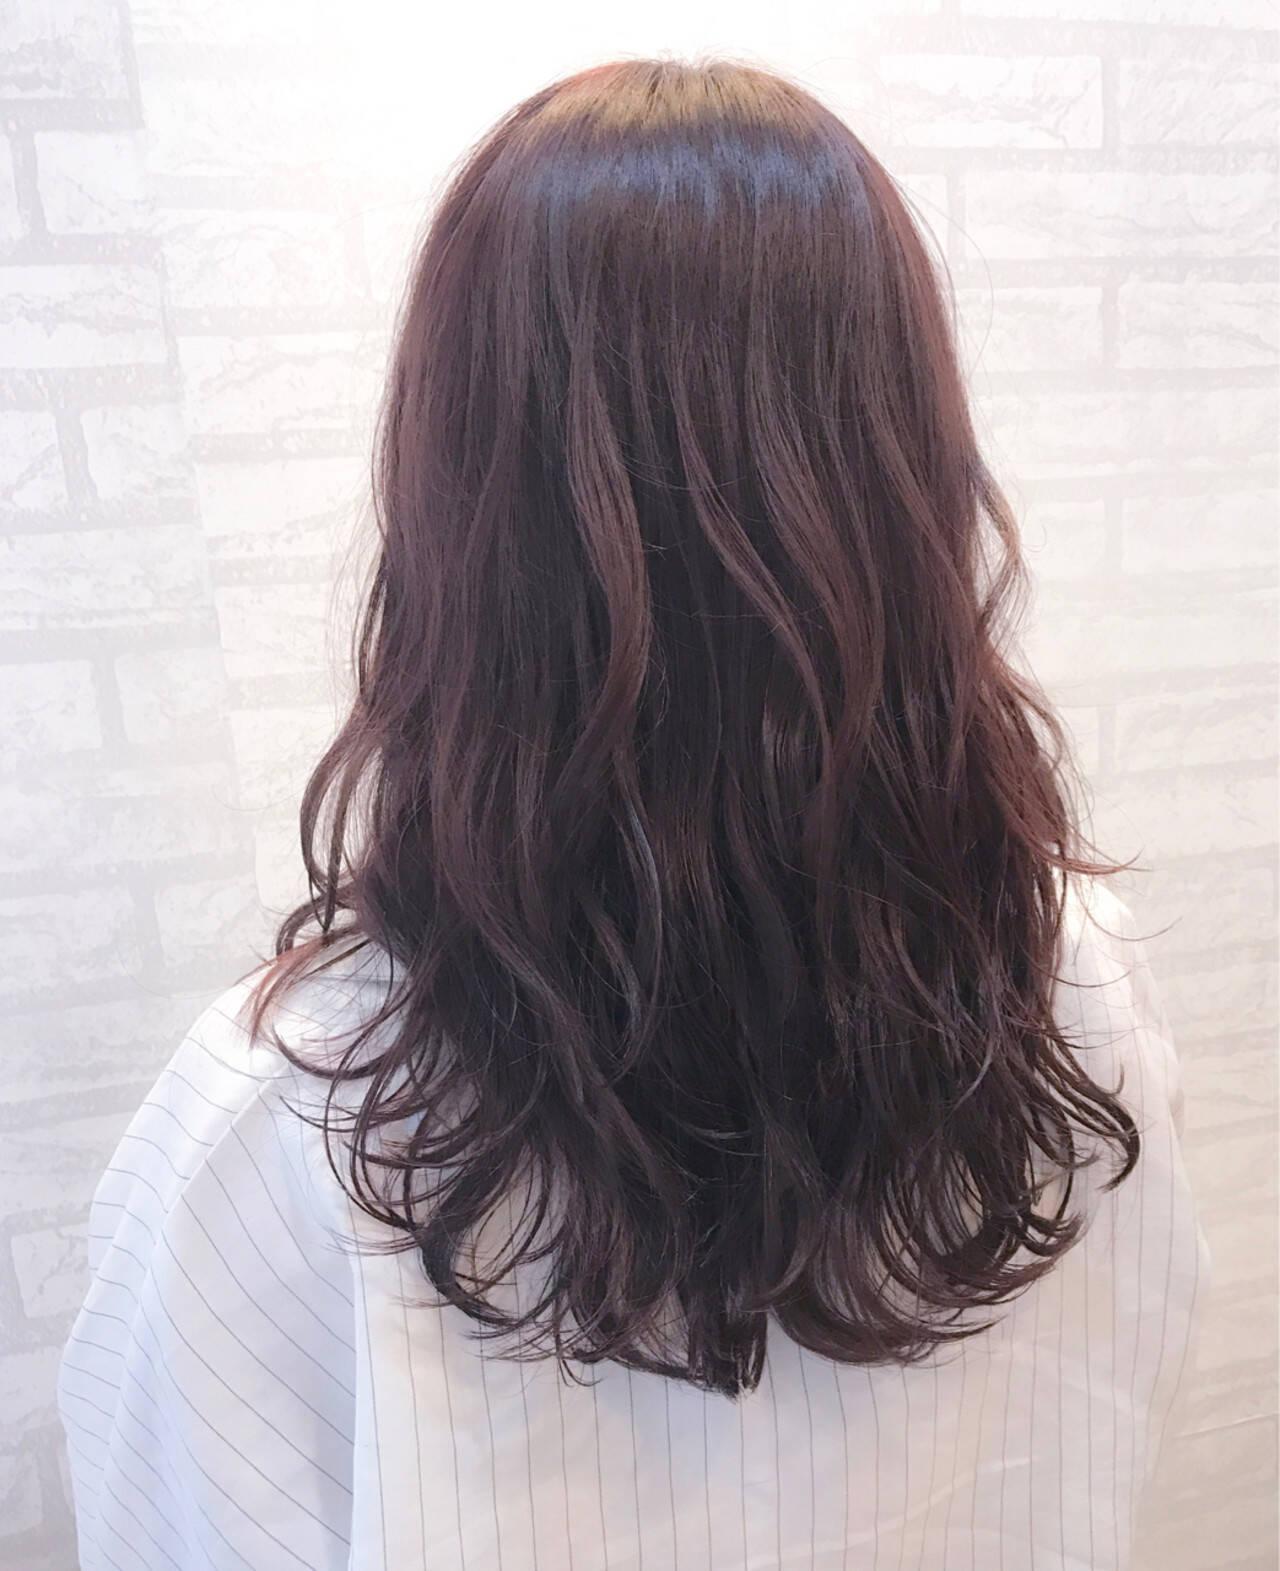 ロング ベージュ リラックス ピンクアッシュヘアスタイルや髪型の写真・画像